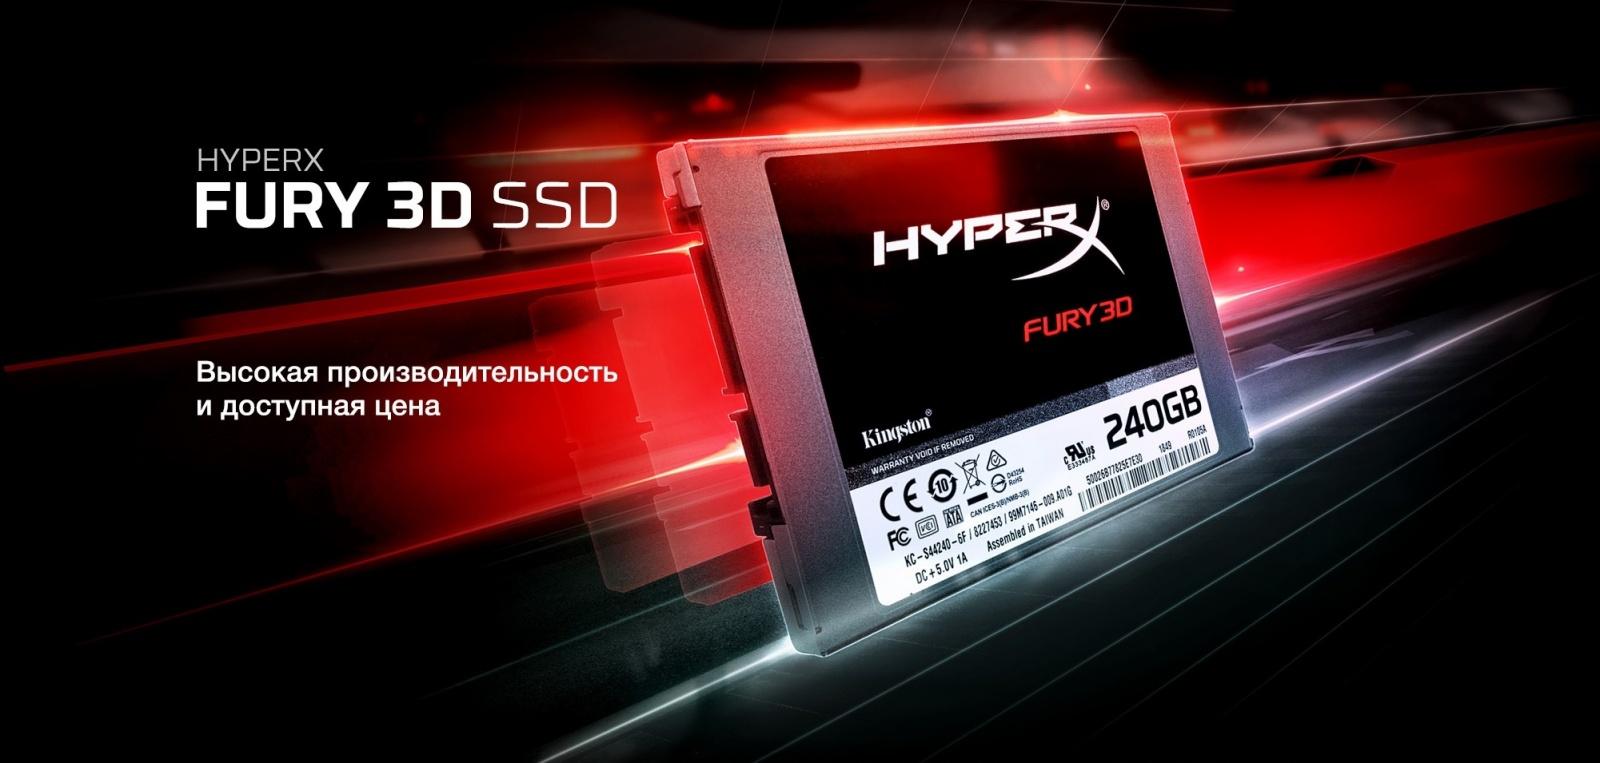 HyperX Fury 3D — SSD с понятной родословной - 1